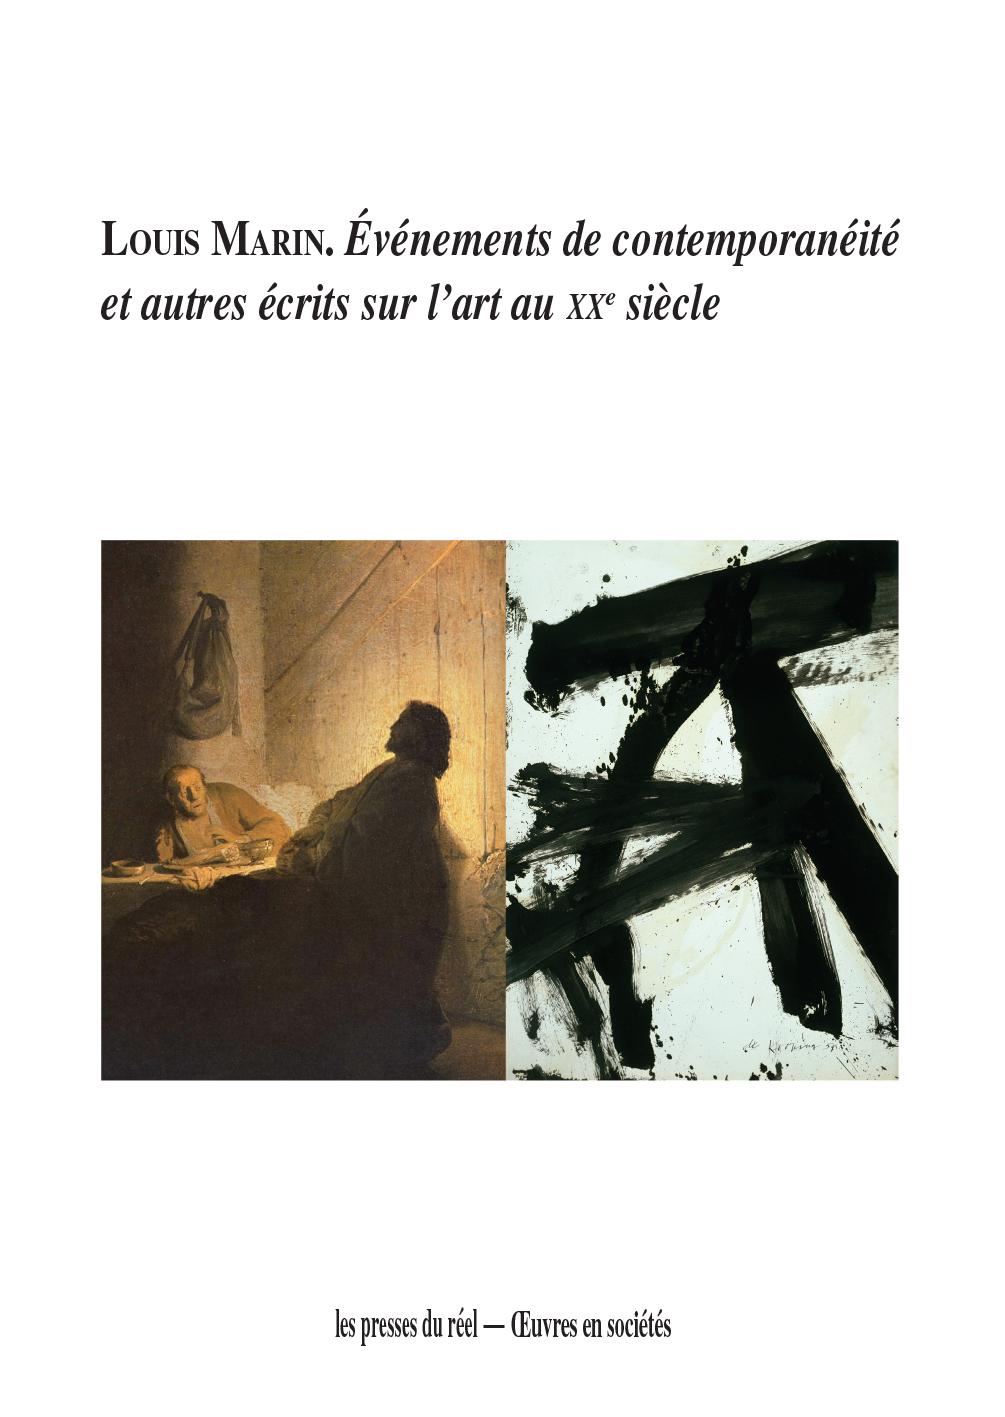 Louis Marin, penseur du contemporain dans l'art